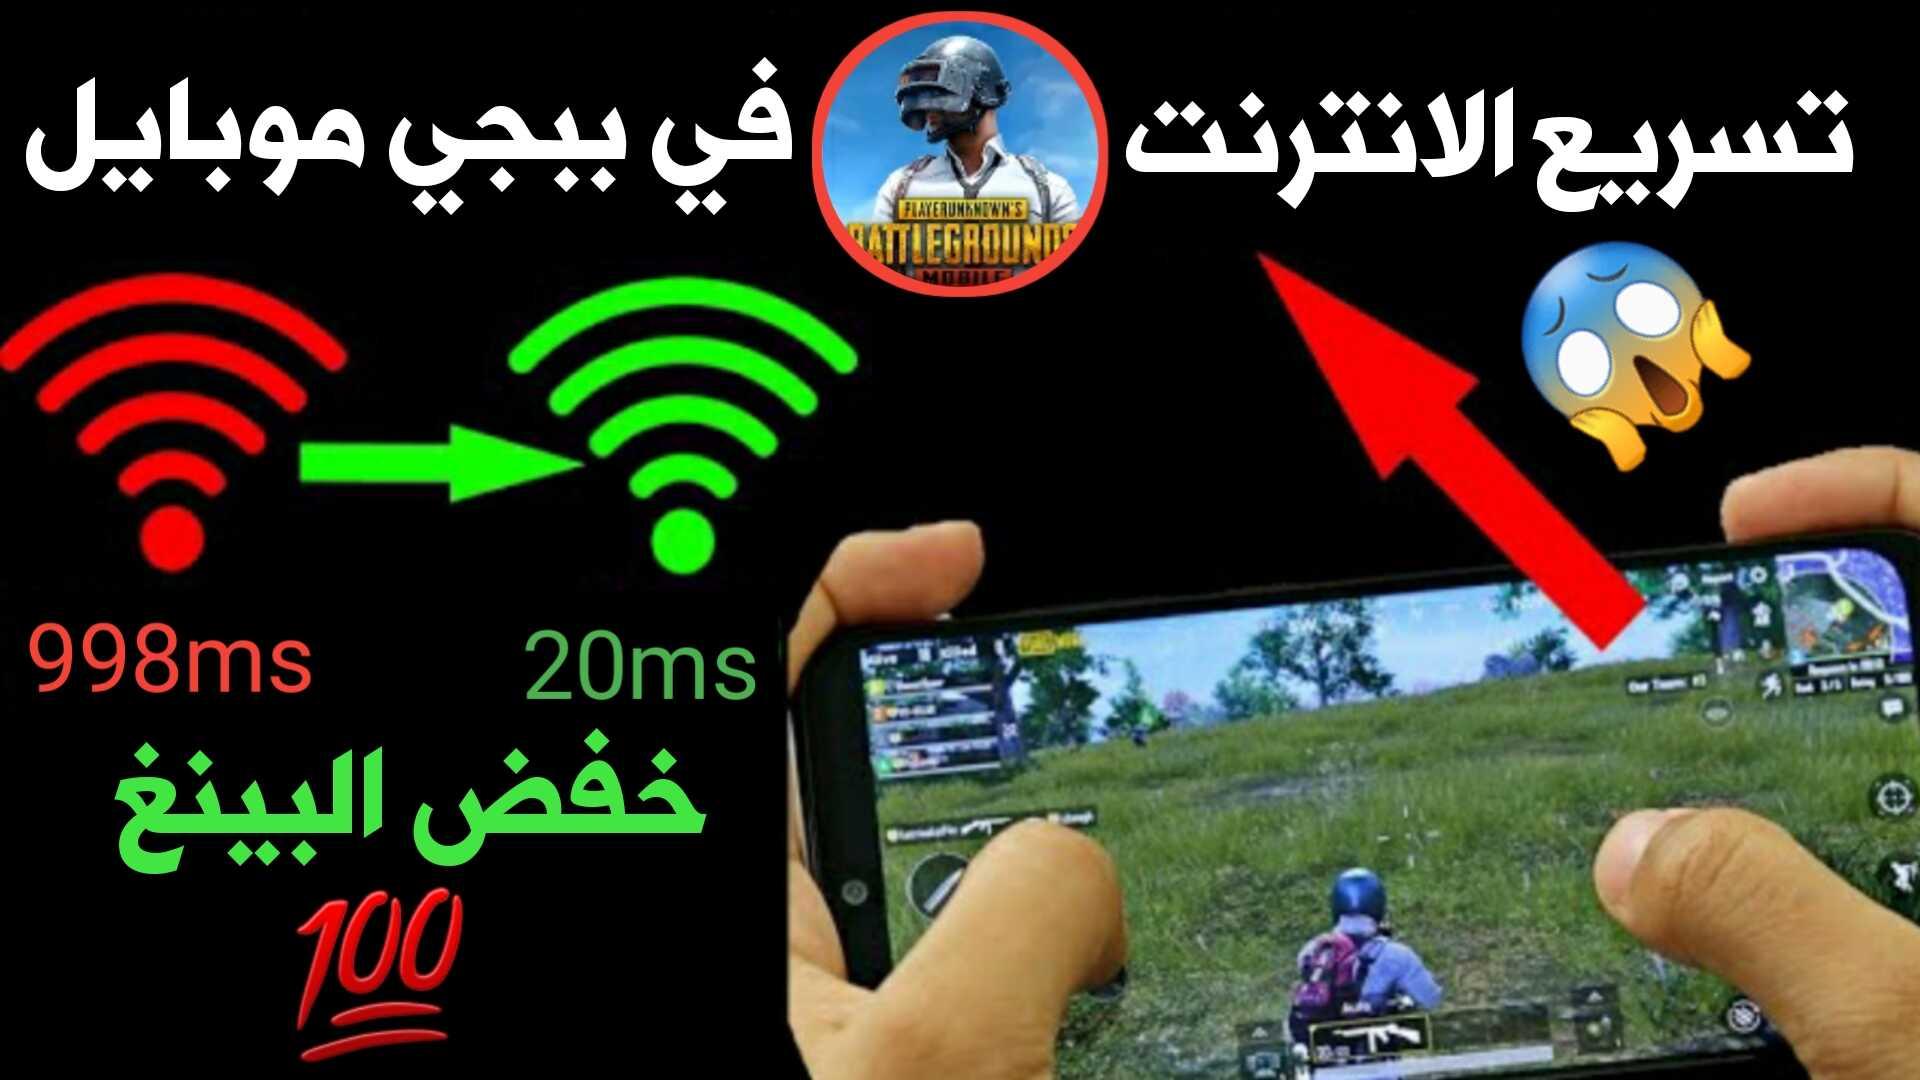 تسريع الانترنت في ببجي وخفض البينغ الى 20ms